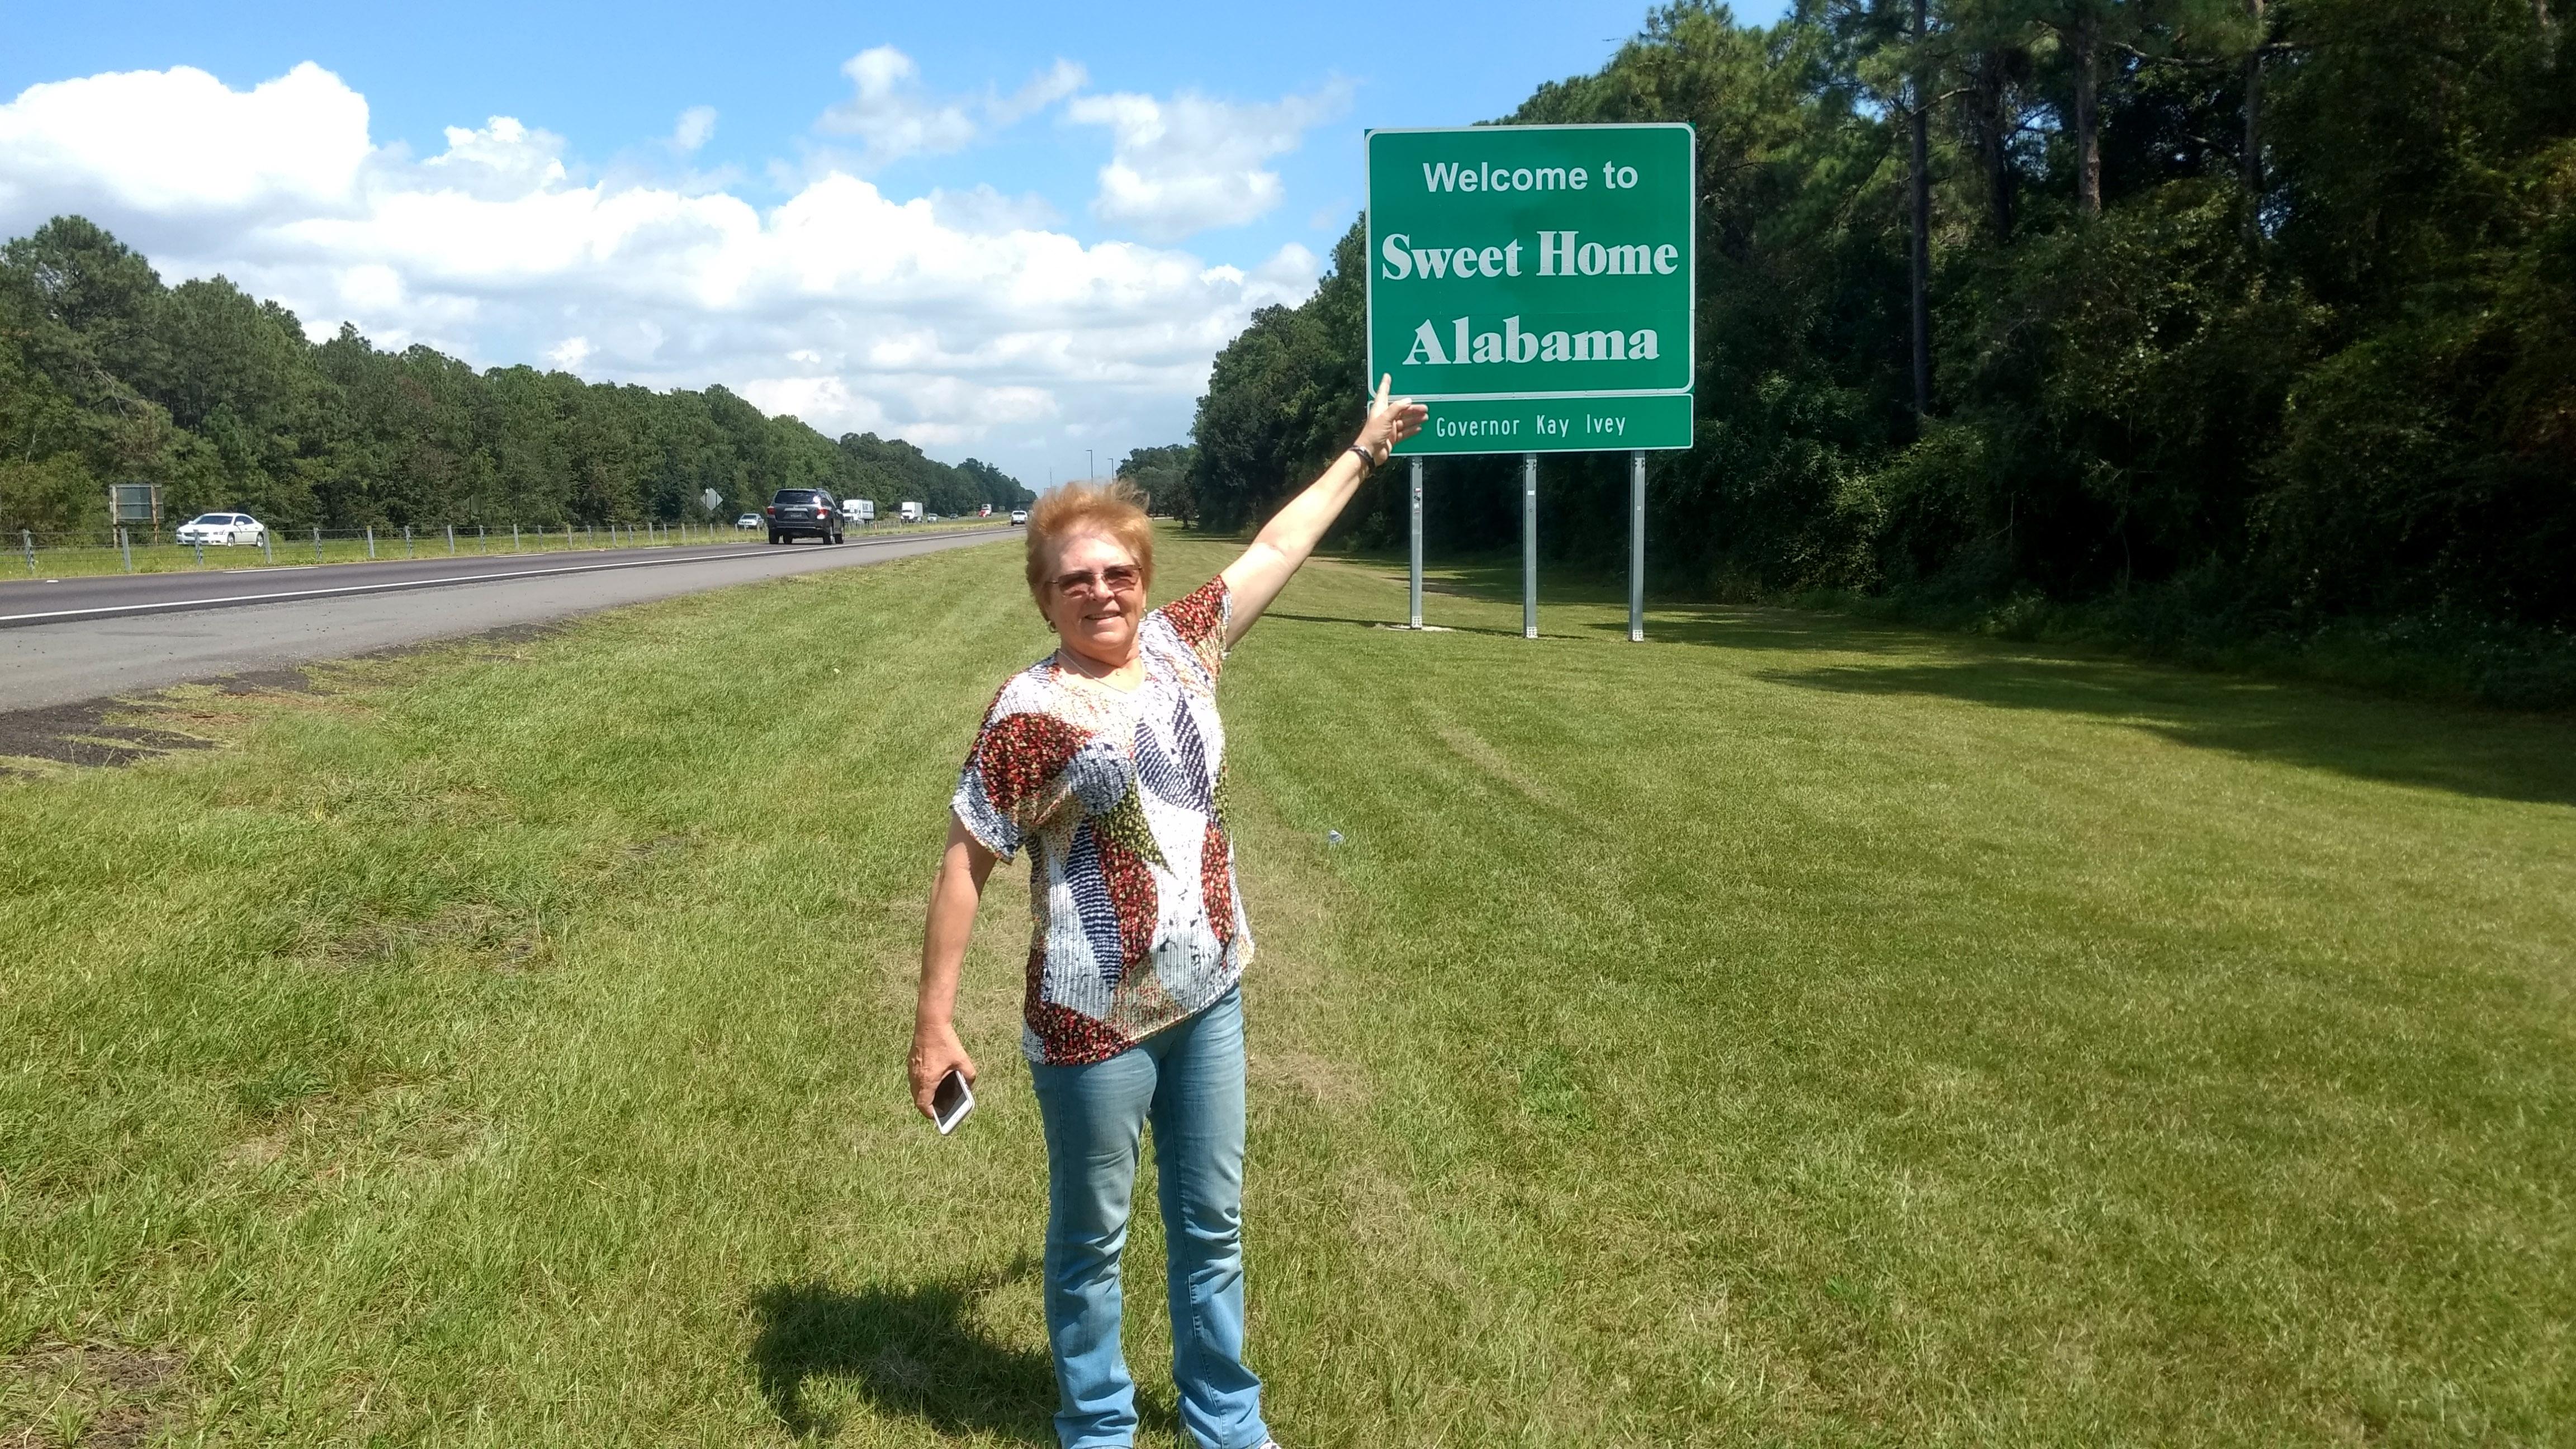 Chegando ao Alabama